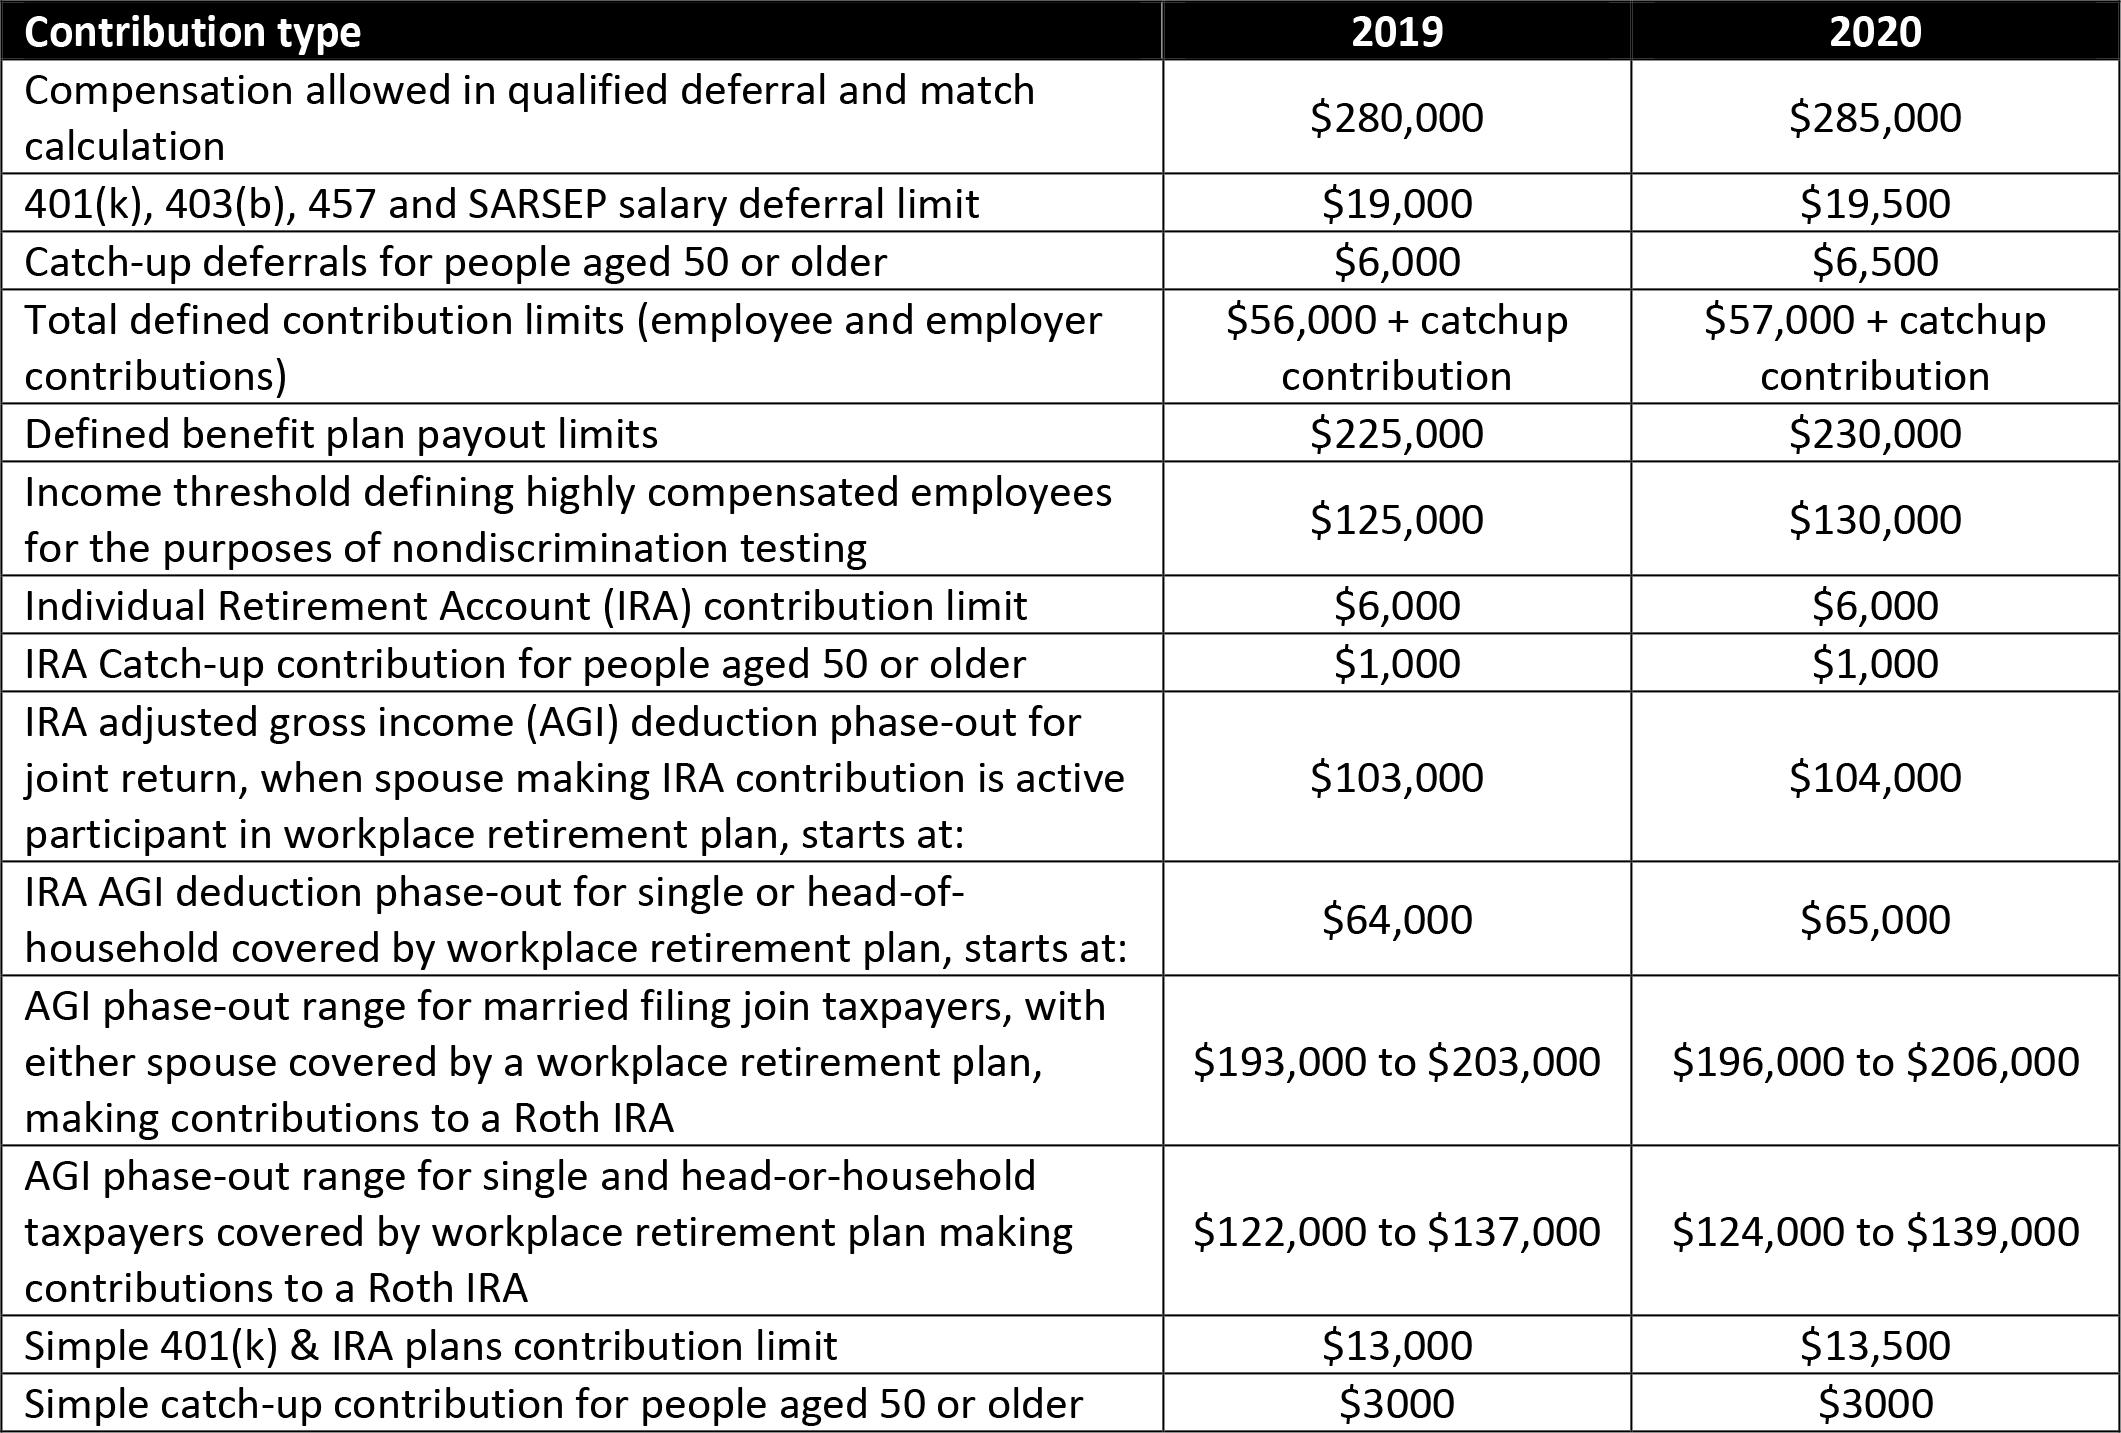 2020 Pension Plan limitations comparison chart